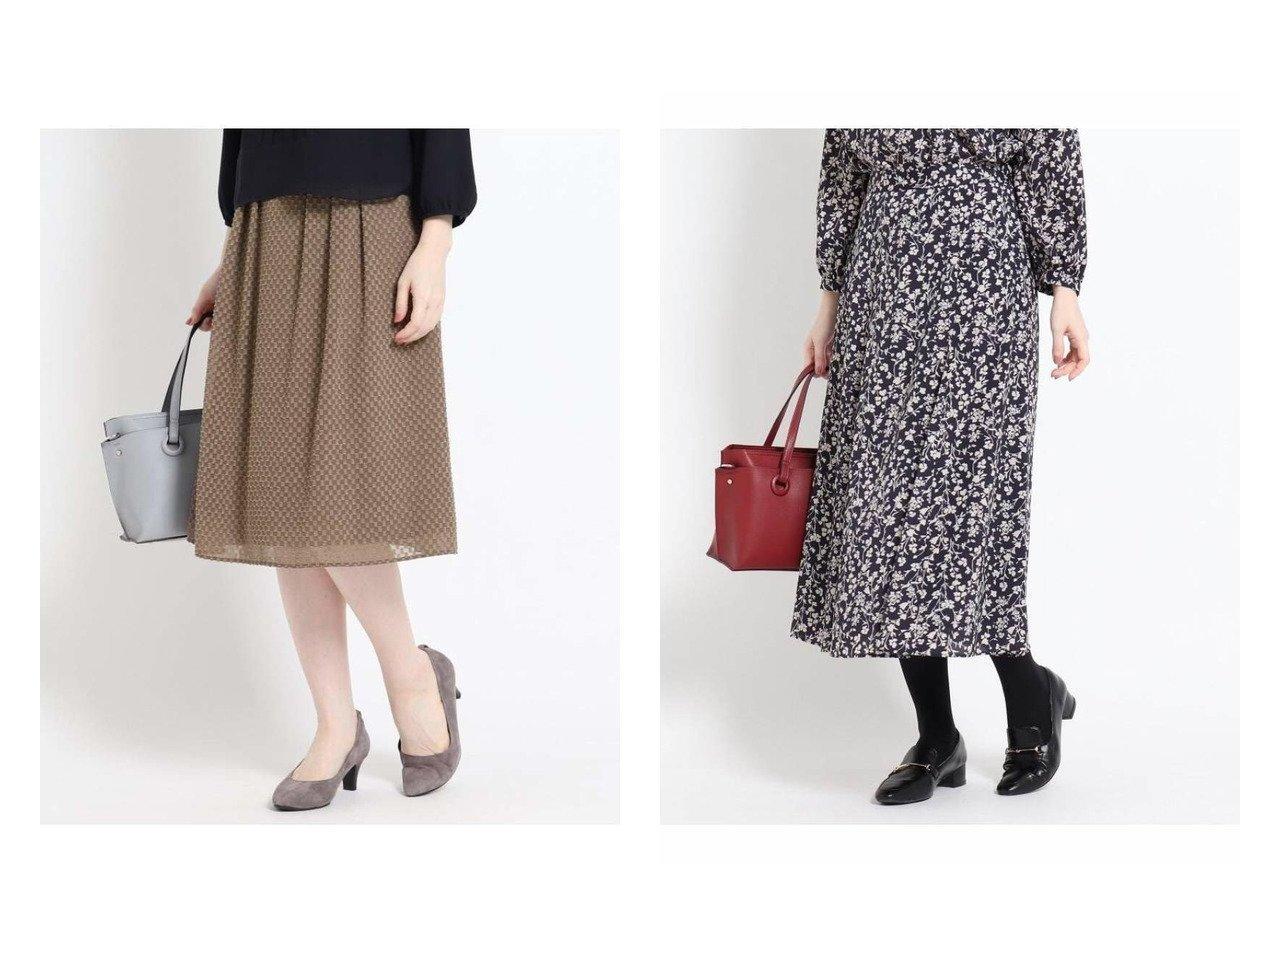 【Reflect/リフレクト】のブロックカットジャカードスカート&アンティークフラワースカート スカートのおすすめ!人気、トレンド・レディースファッションの通販  おすすめで人気の流行・トレンド、ファッションの通販商品 メンズファッション・キッズファッション・インテリア・家具・レディースファッション・服の通販 founy(ファニー) https://founy.com/ ファッション Fashion レディースファッション WOMEN スカート Skirt ロングスカート Long Skirt シフォン ジャカード ジョーゼット フレア ブロック ギャザー クラシカル セットアップ プリント ロング ロンドン |ID:crp329100000009704